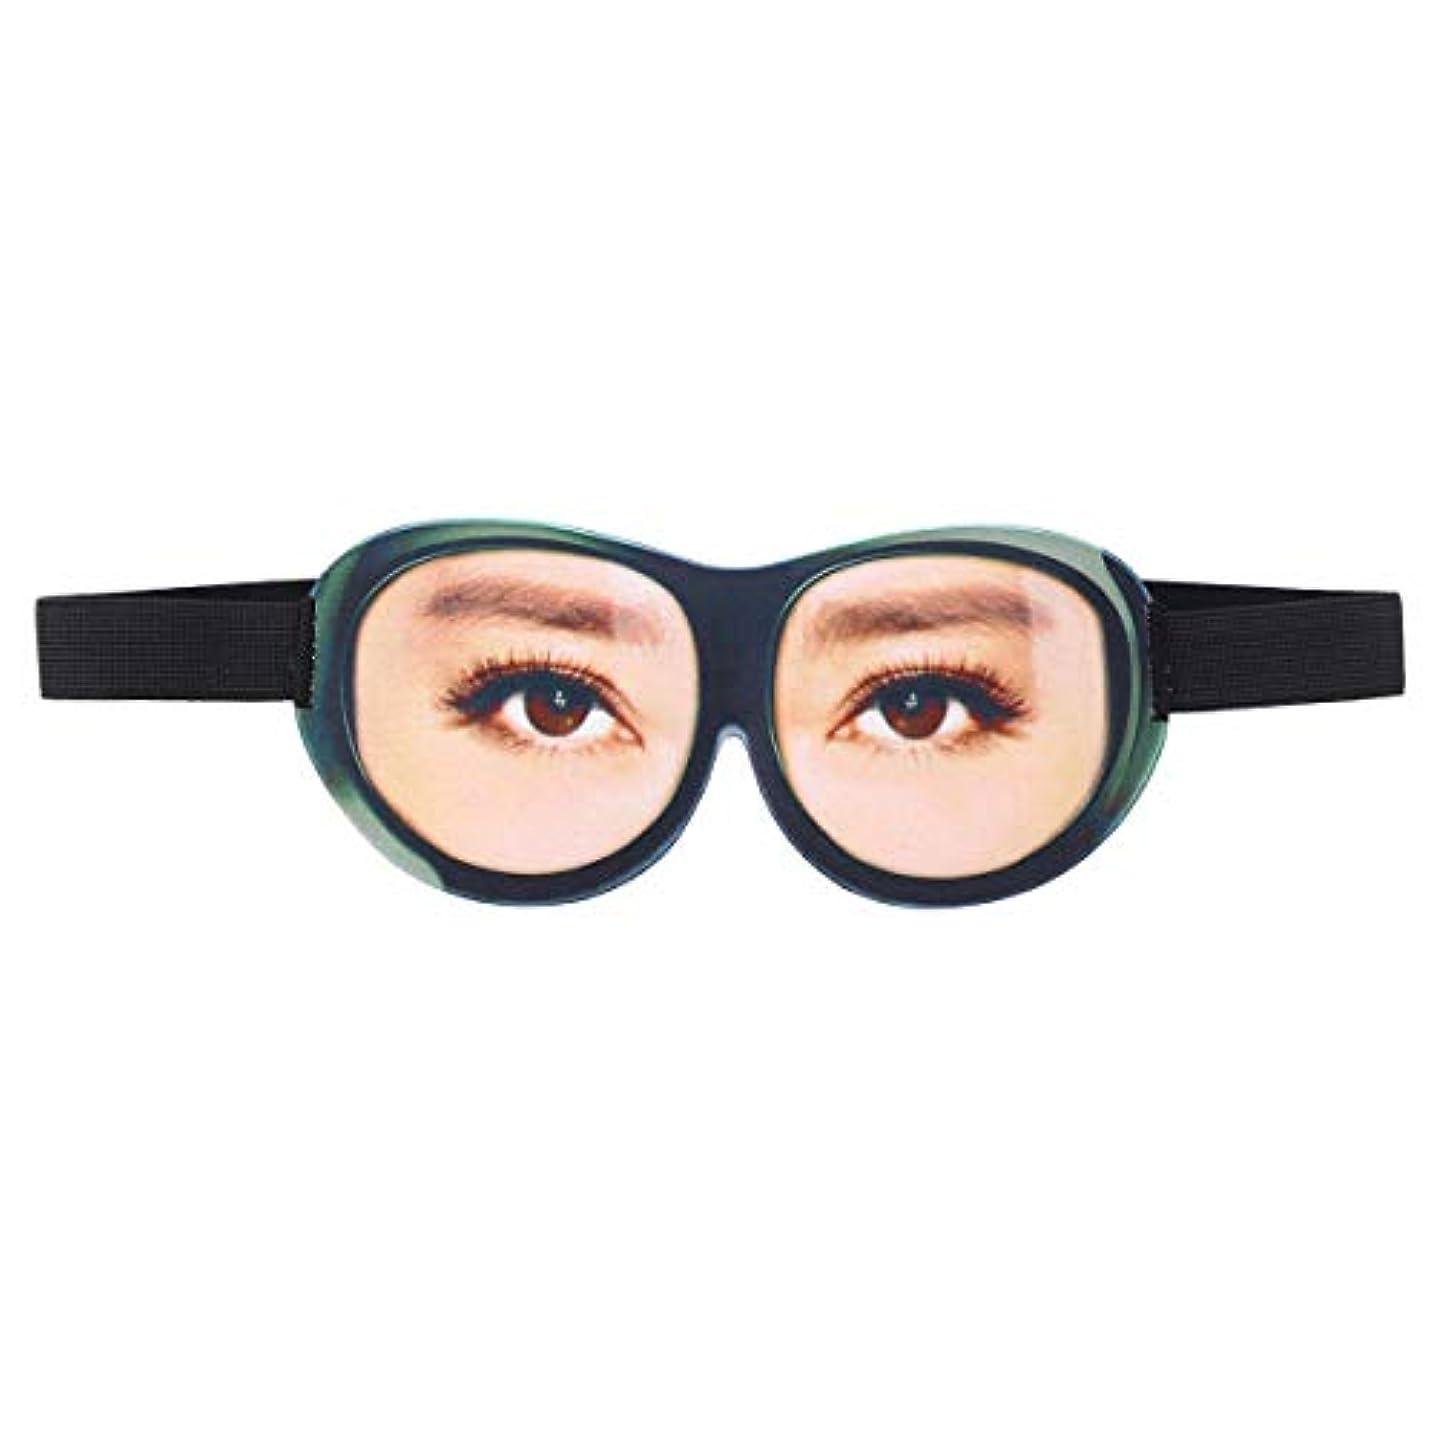 検索研磨剤インデックスHealifty 3D面白いアイシェード睡眠マスク旅行アイマスク目隠し睡眠ヘルパーアイシェード男性女性旅行昼寝と深い睡眠(魅力的であるふりをする)